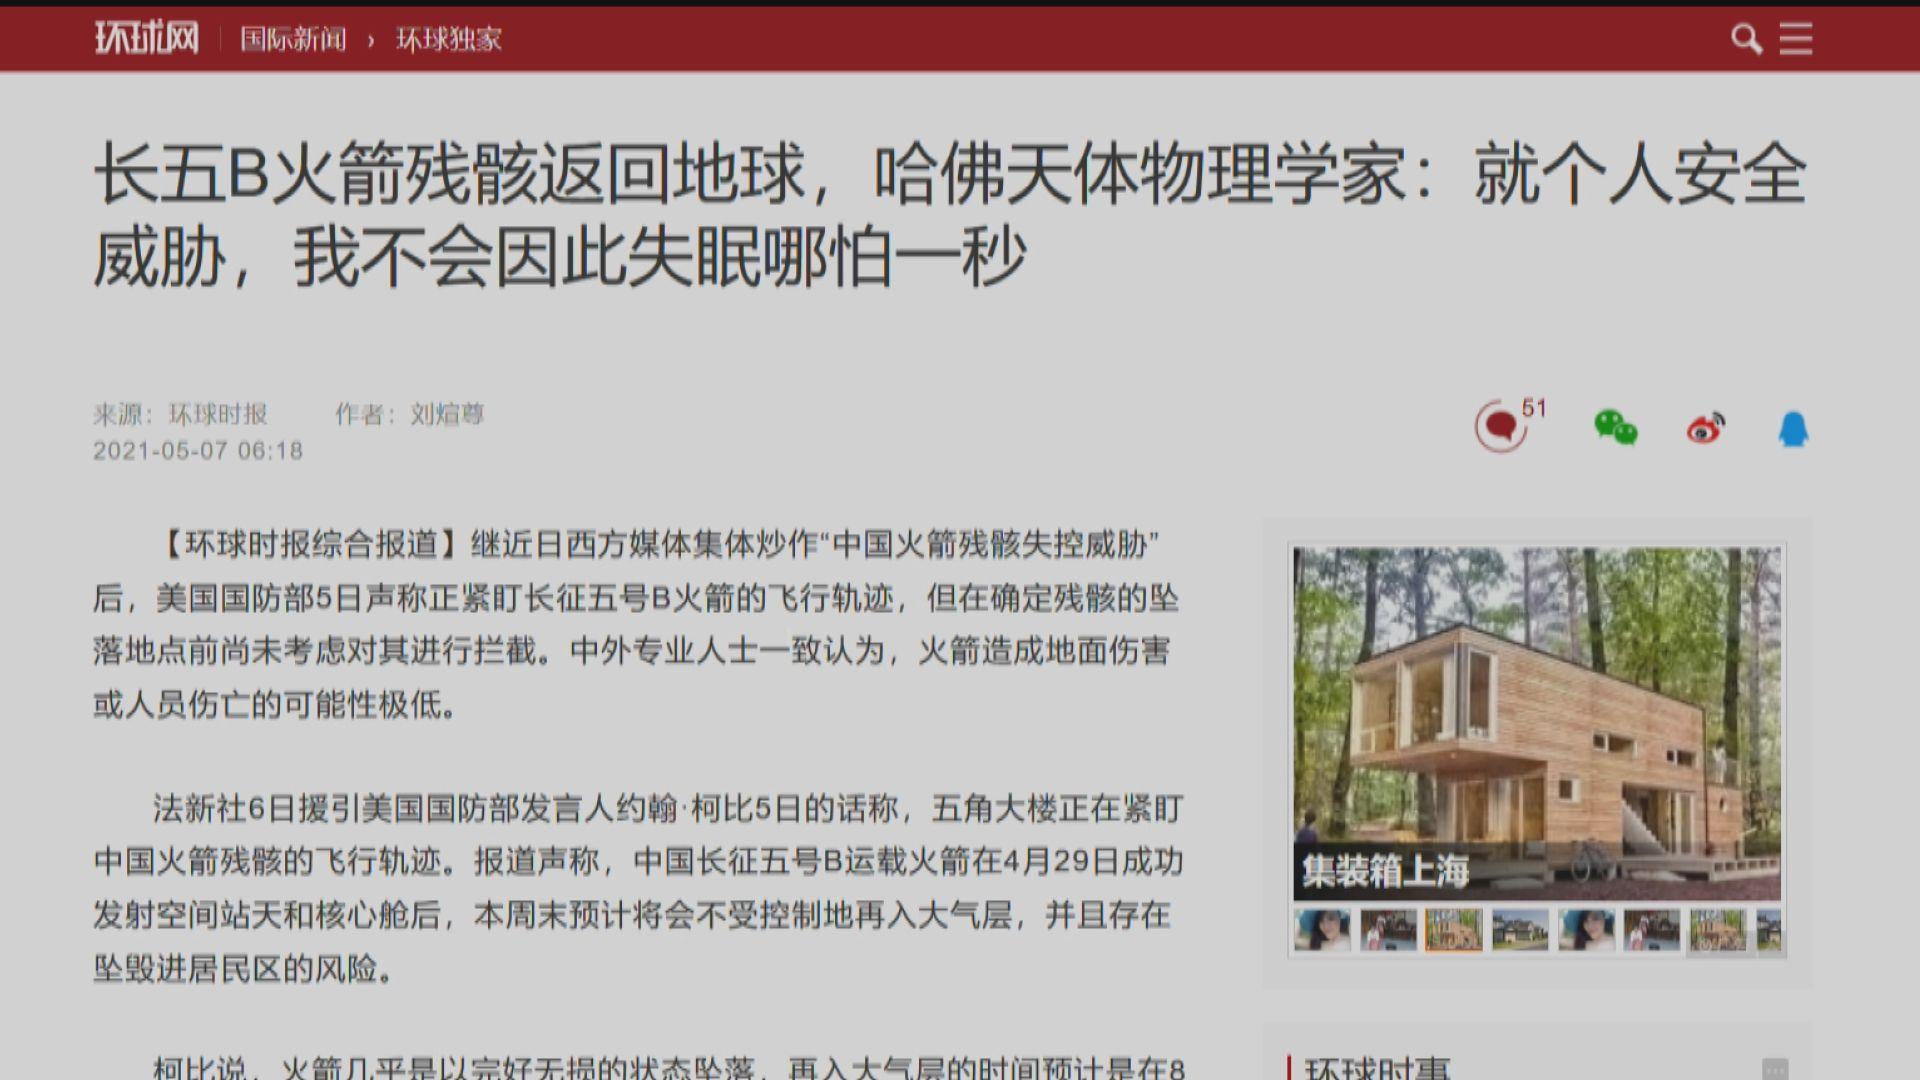 環時批西方炒作中國太空威脅論 長征五號火箭殘骸失控是偽命題